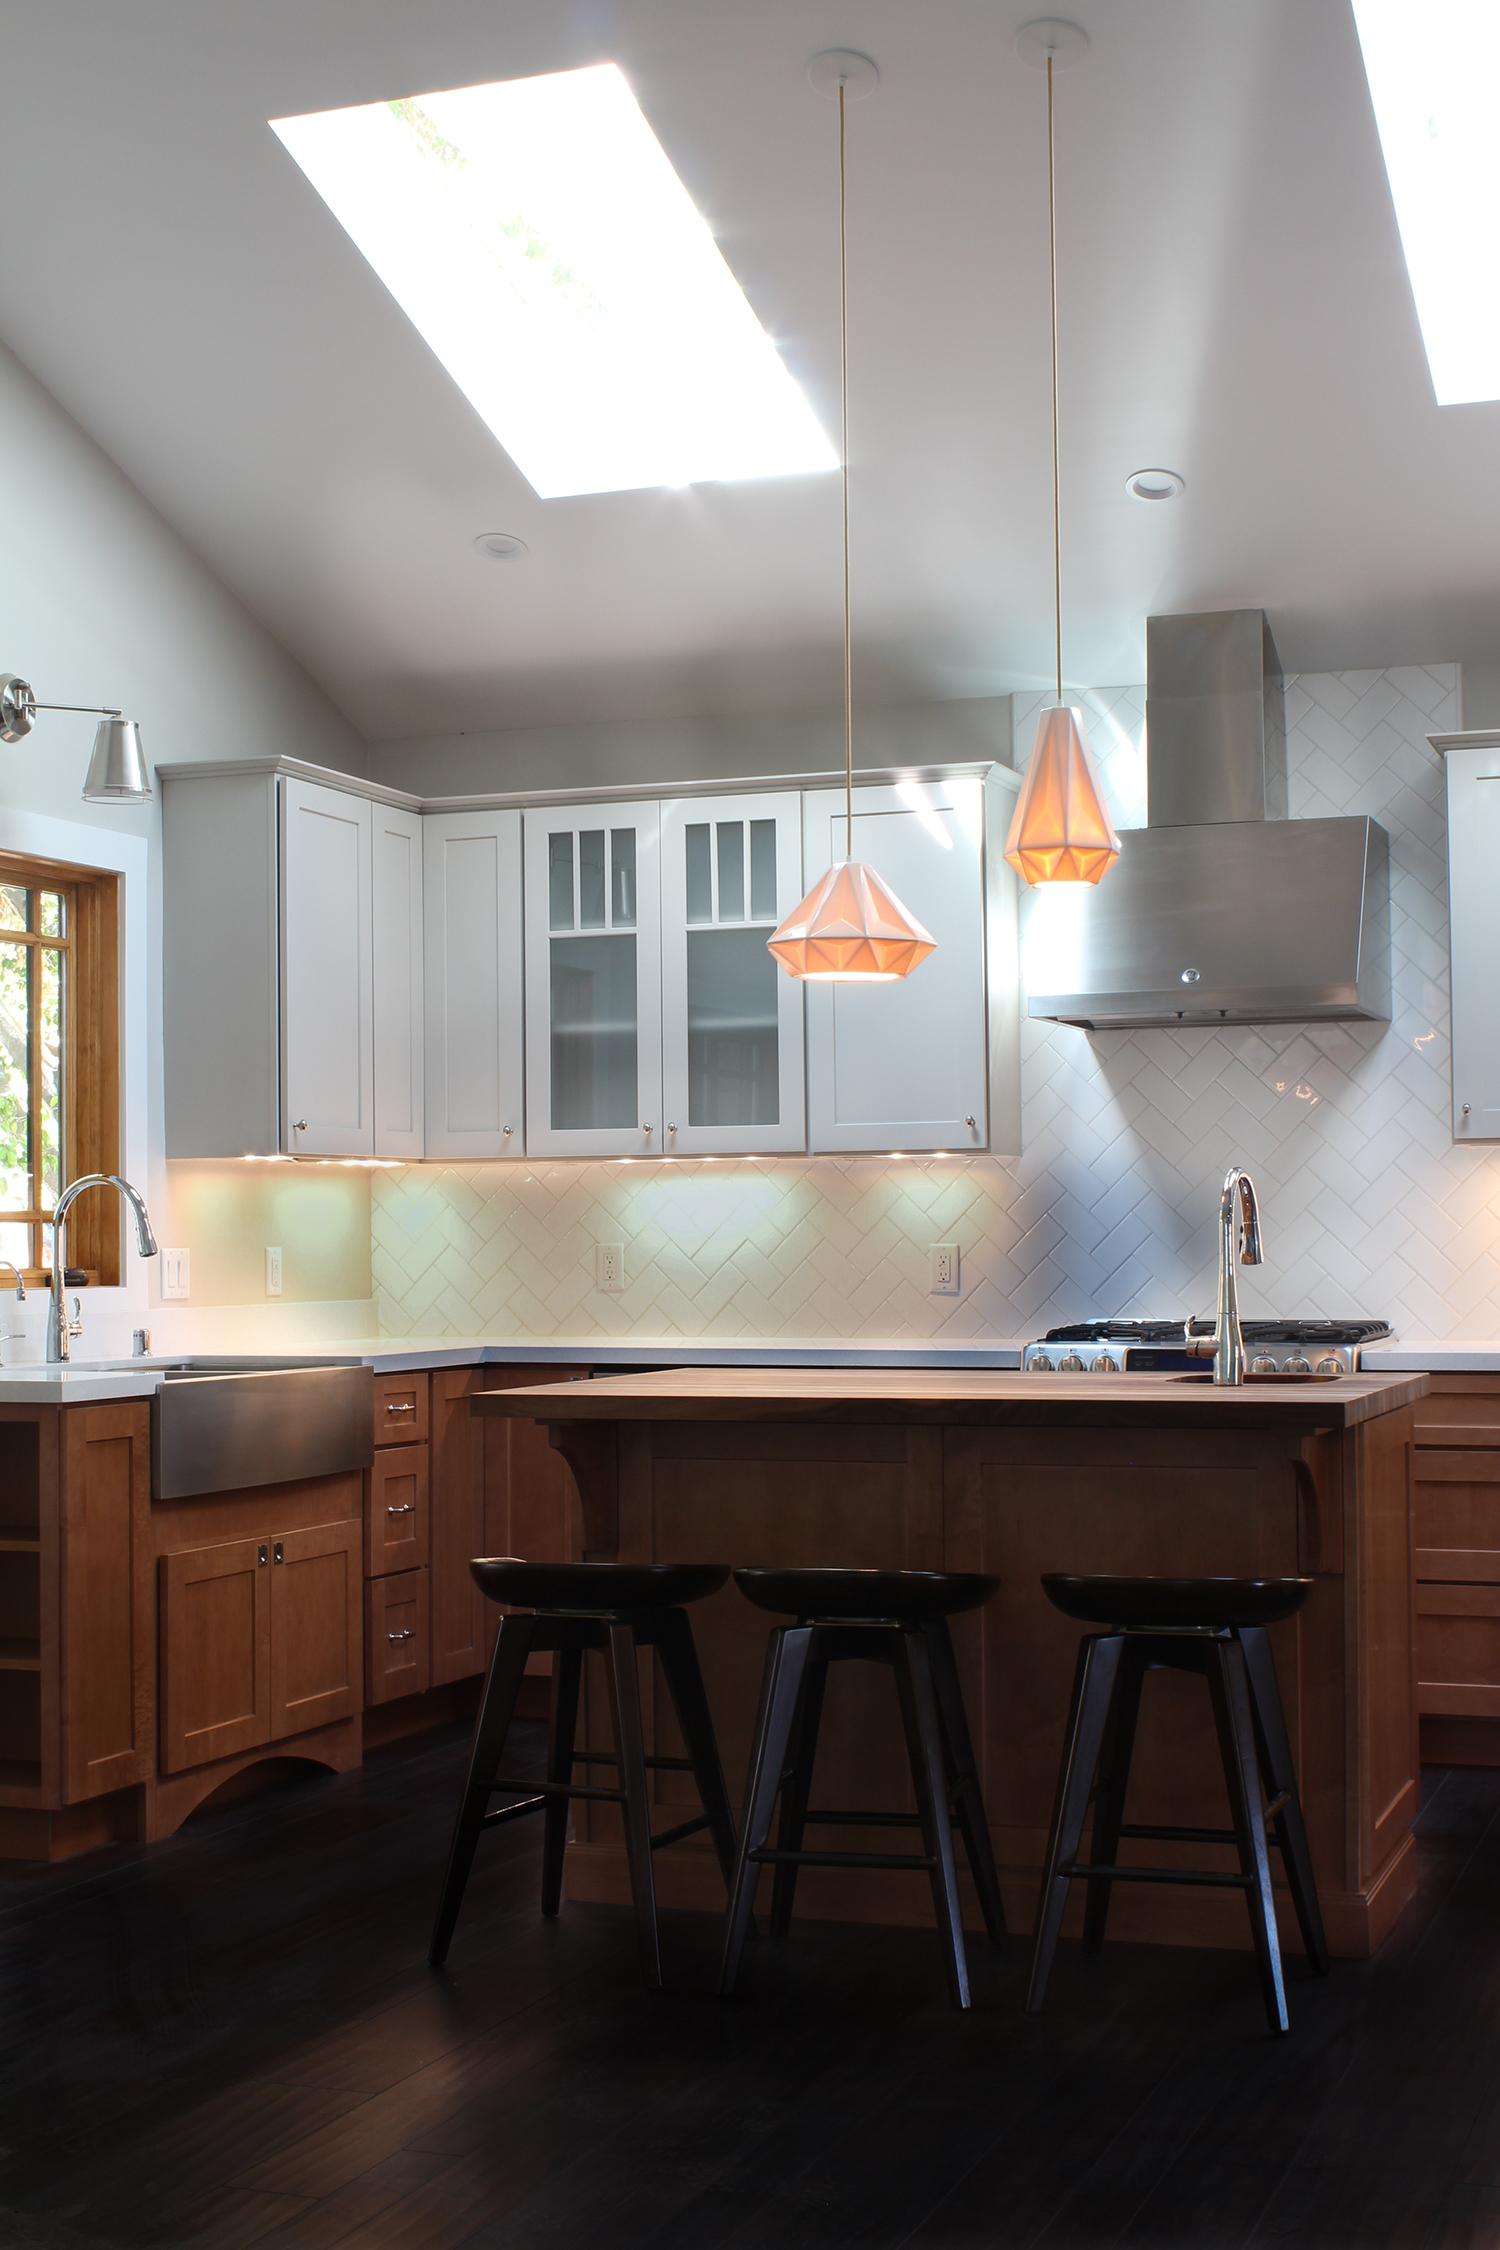 kitchen skylights.jpg